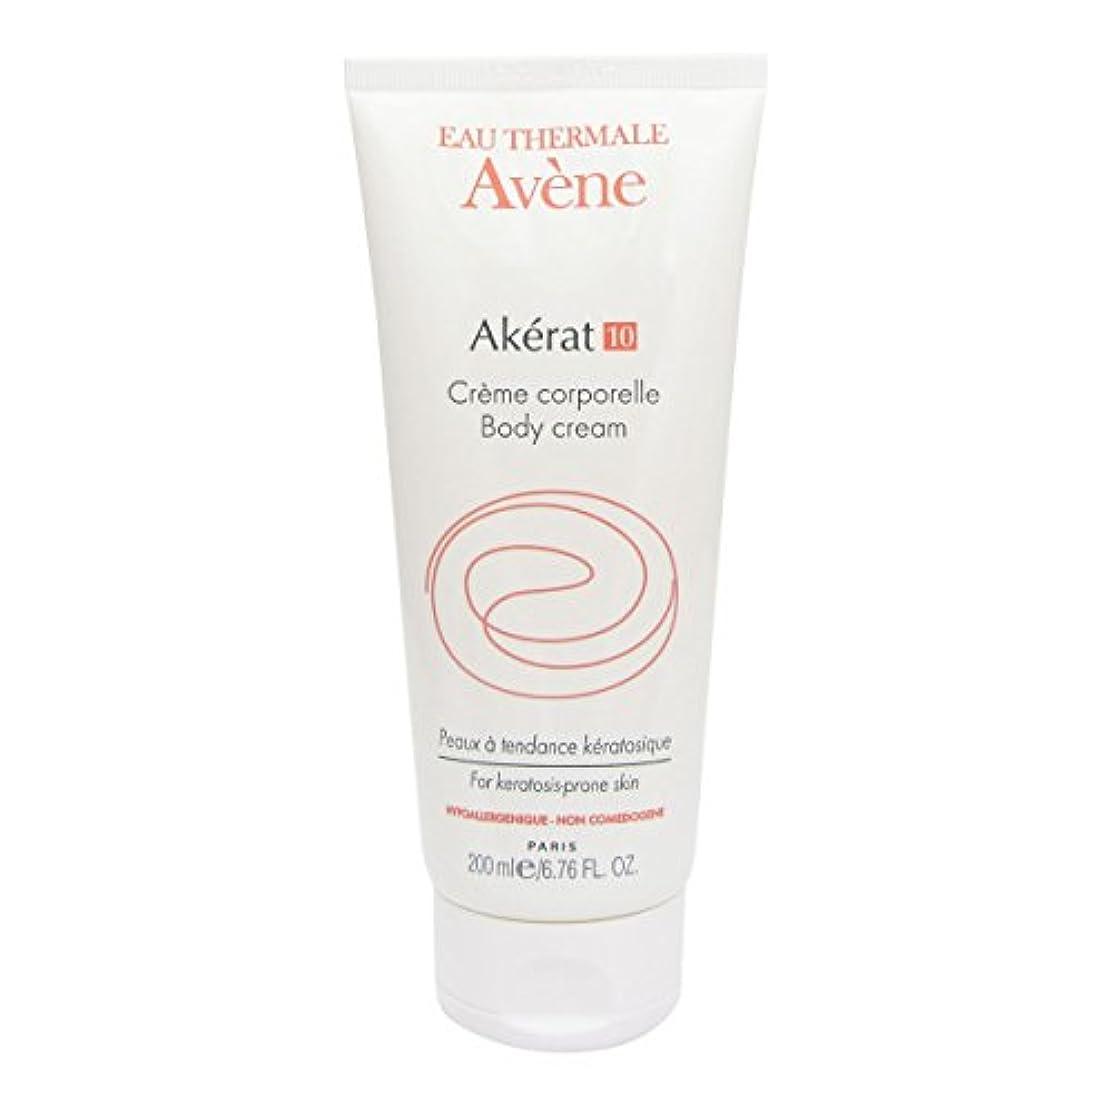 痛い以前はメモAvene Akerat 10 Body Cream 200ml [並行輸入品]